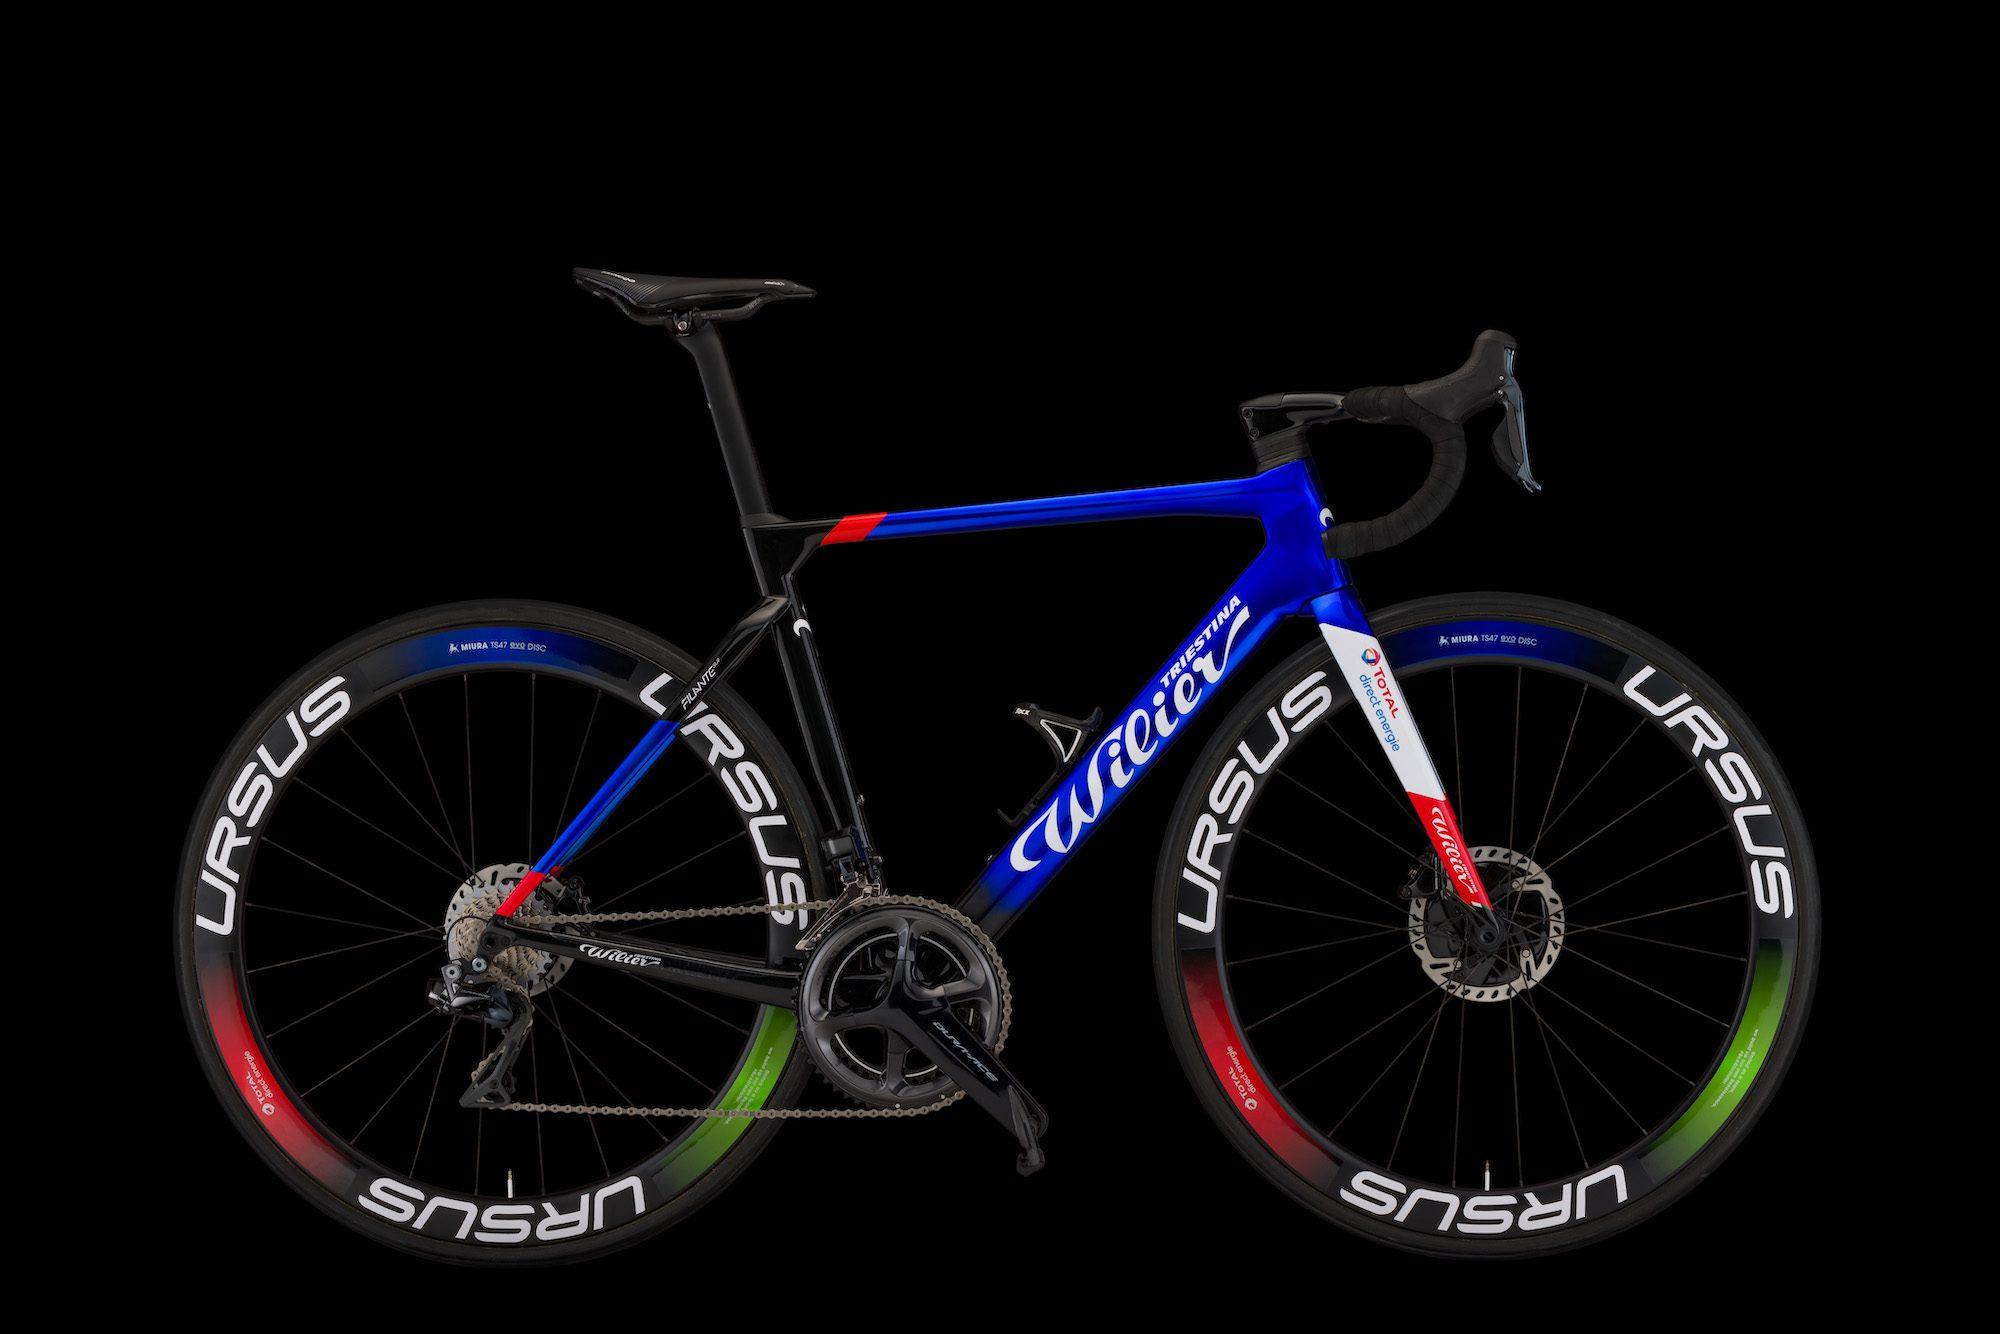 Wilier Triestina présente le nouveau vélo du Team